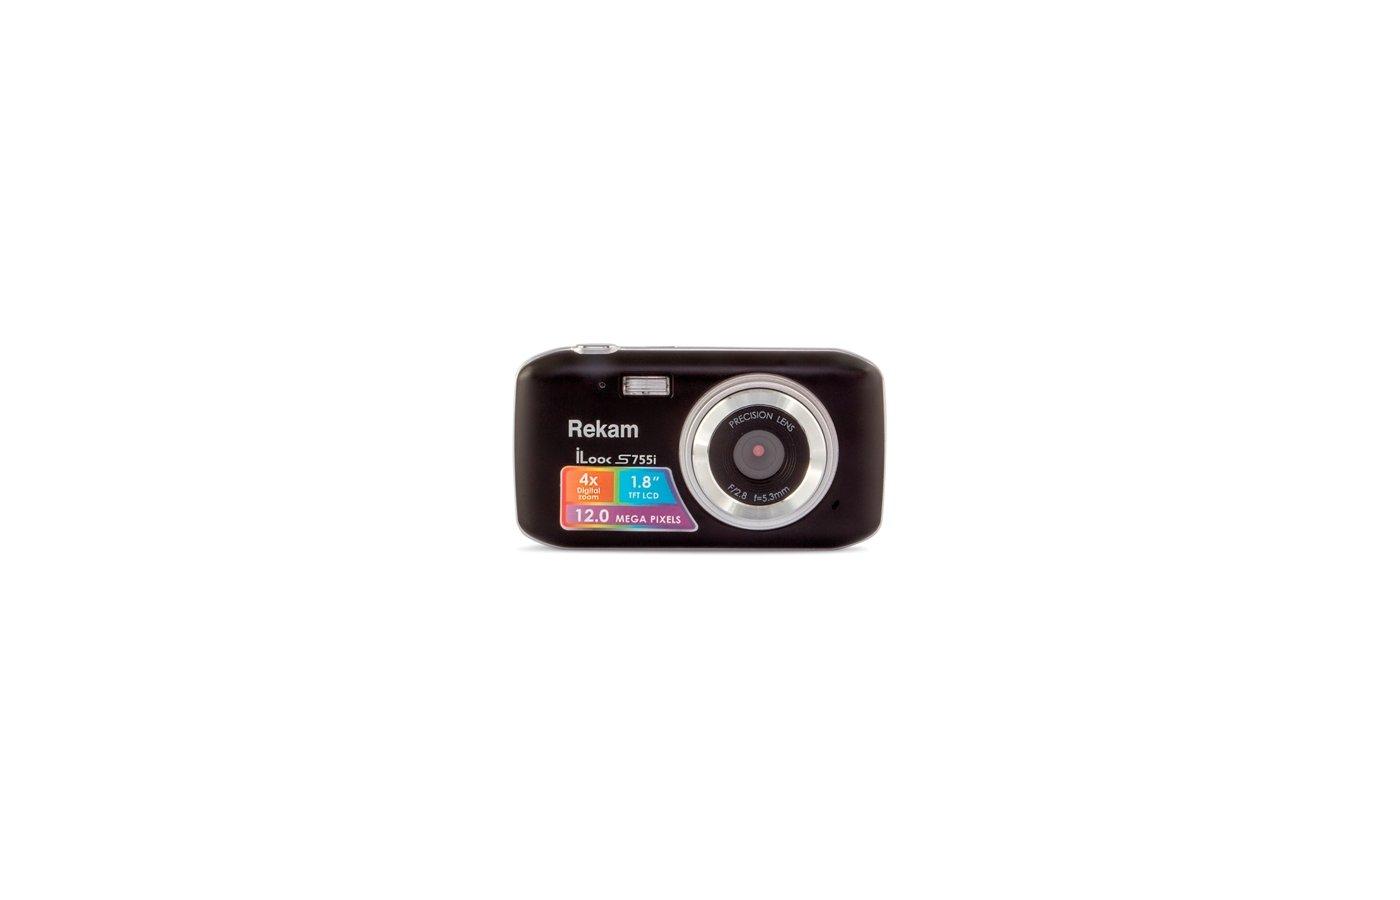 Фотоаппарат компактный Rekam iLook S755i черный